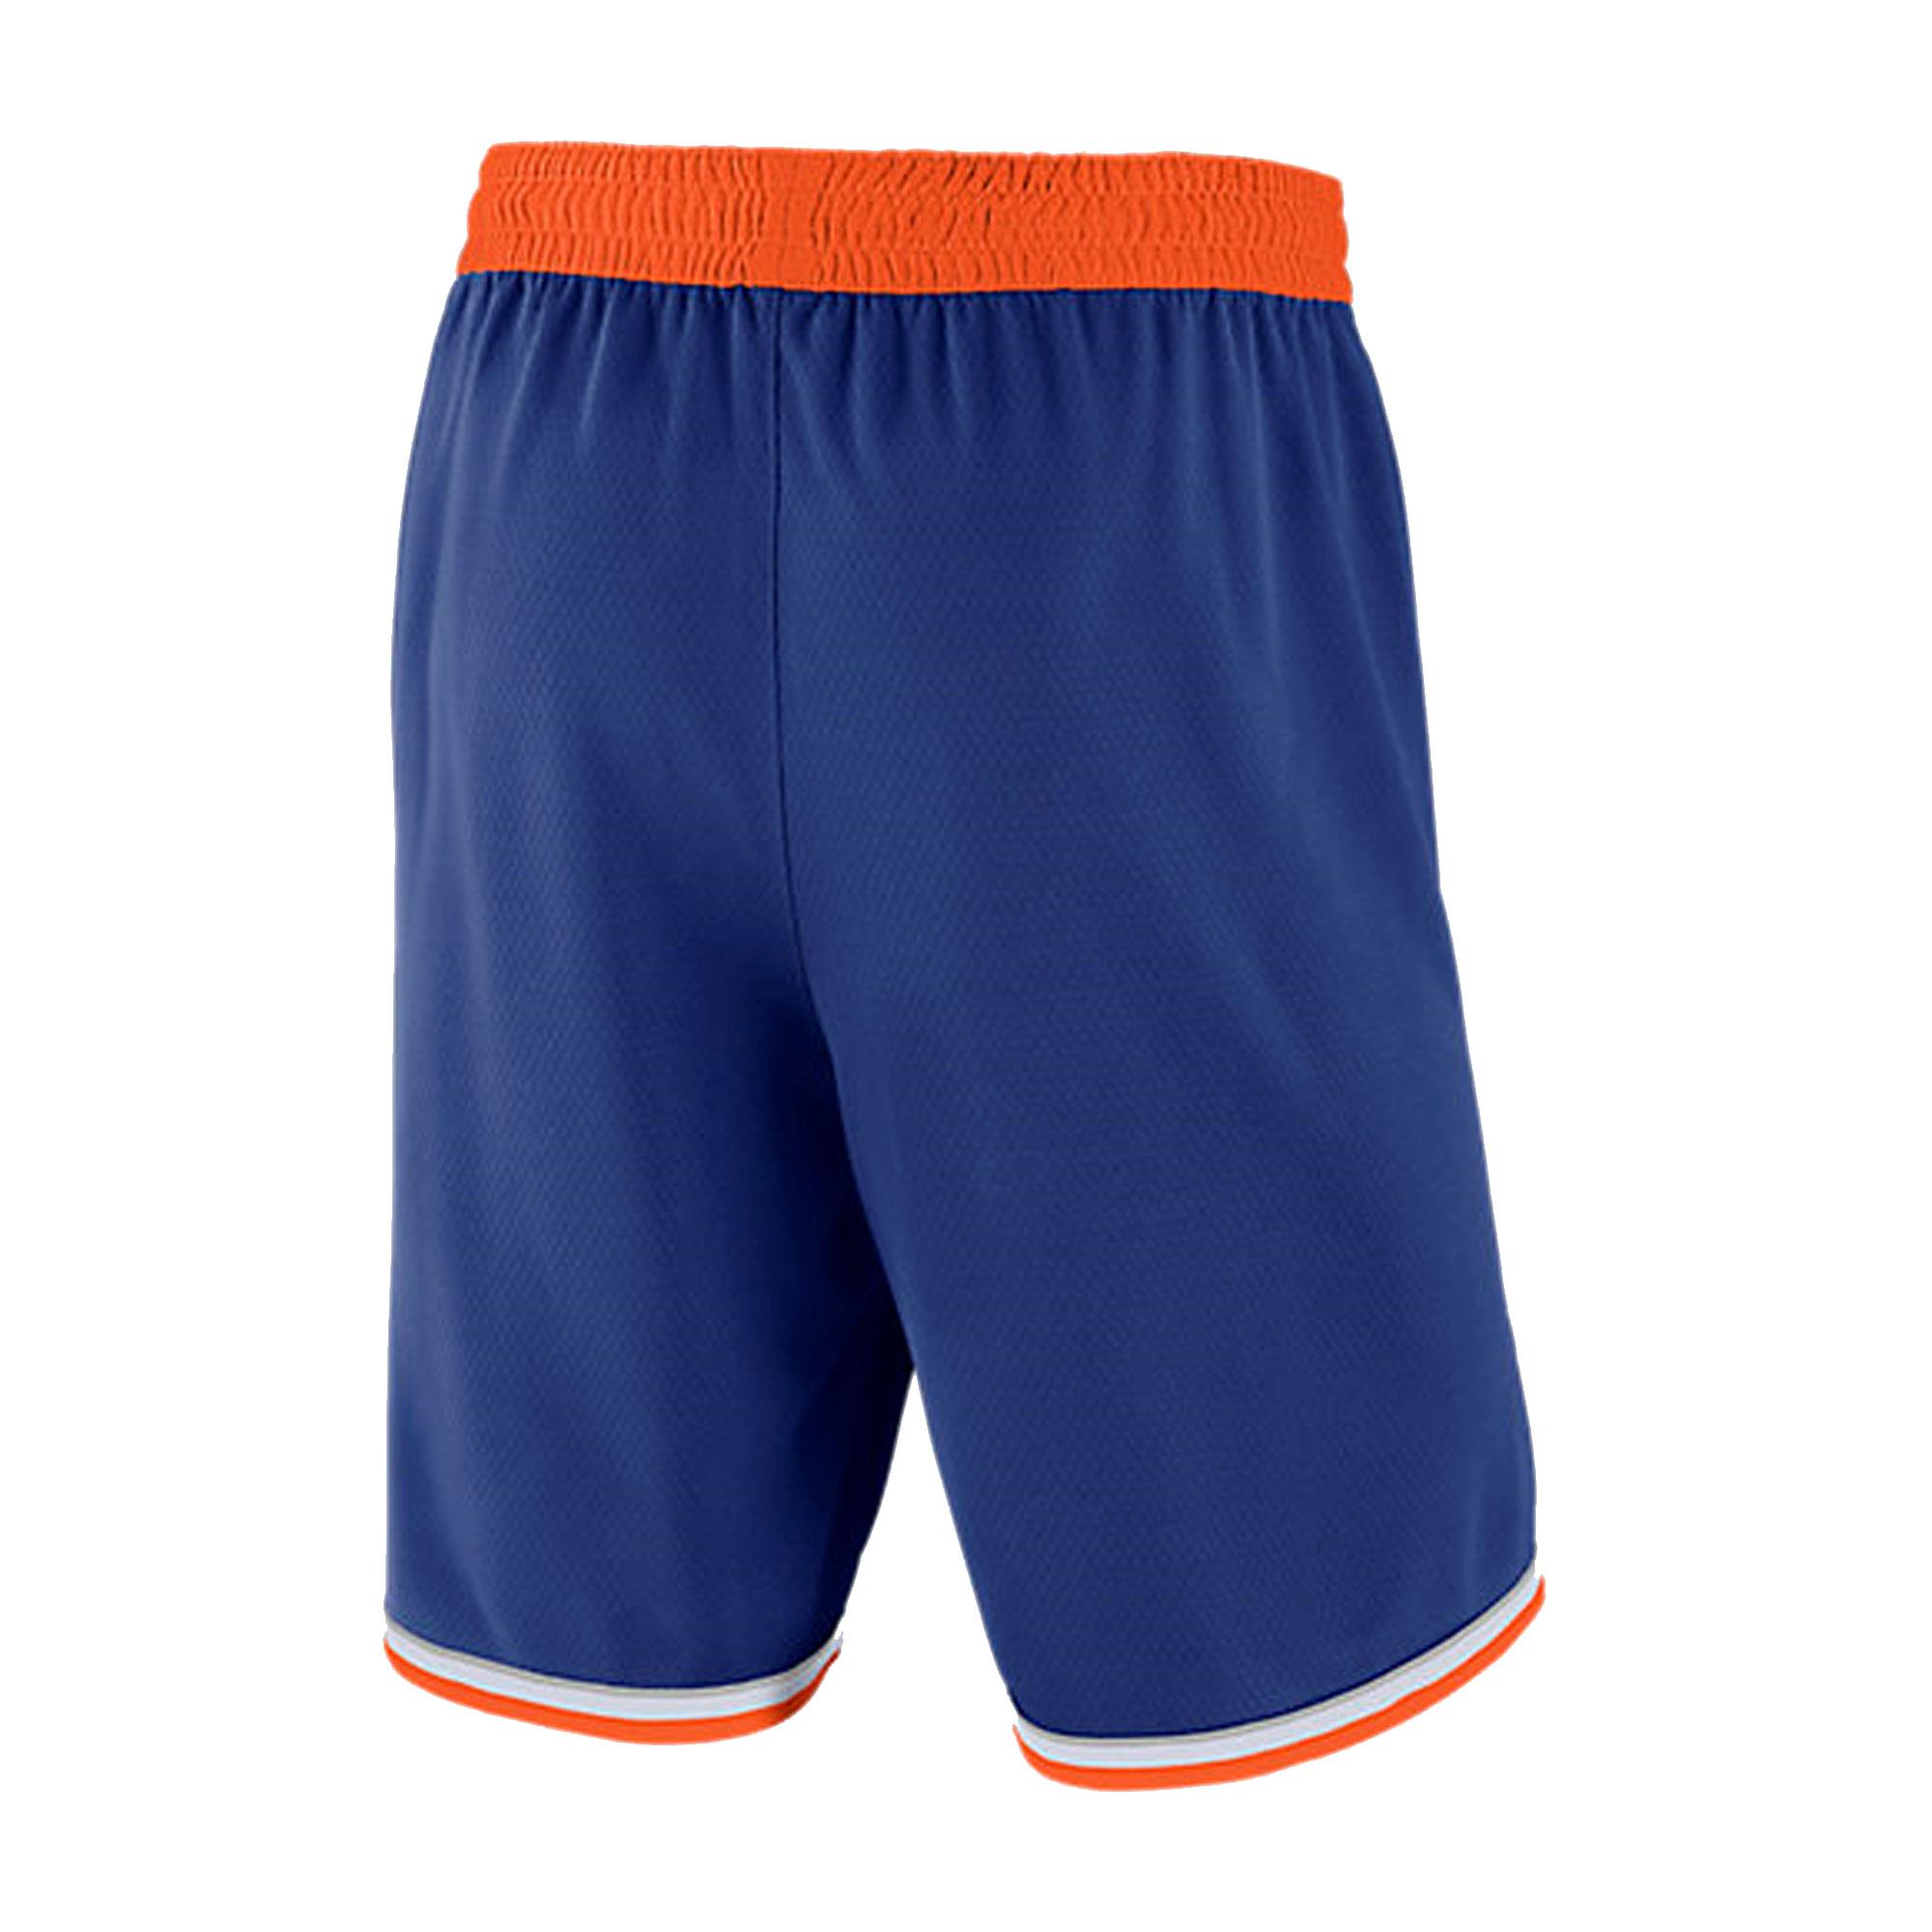 New York Knicks Short (SRT-BLU-NYK)